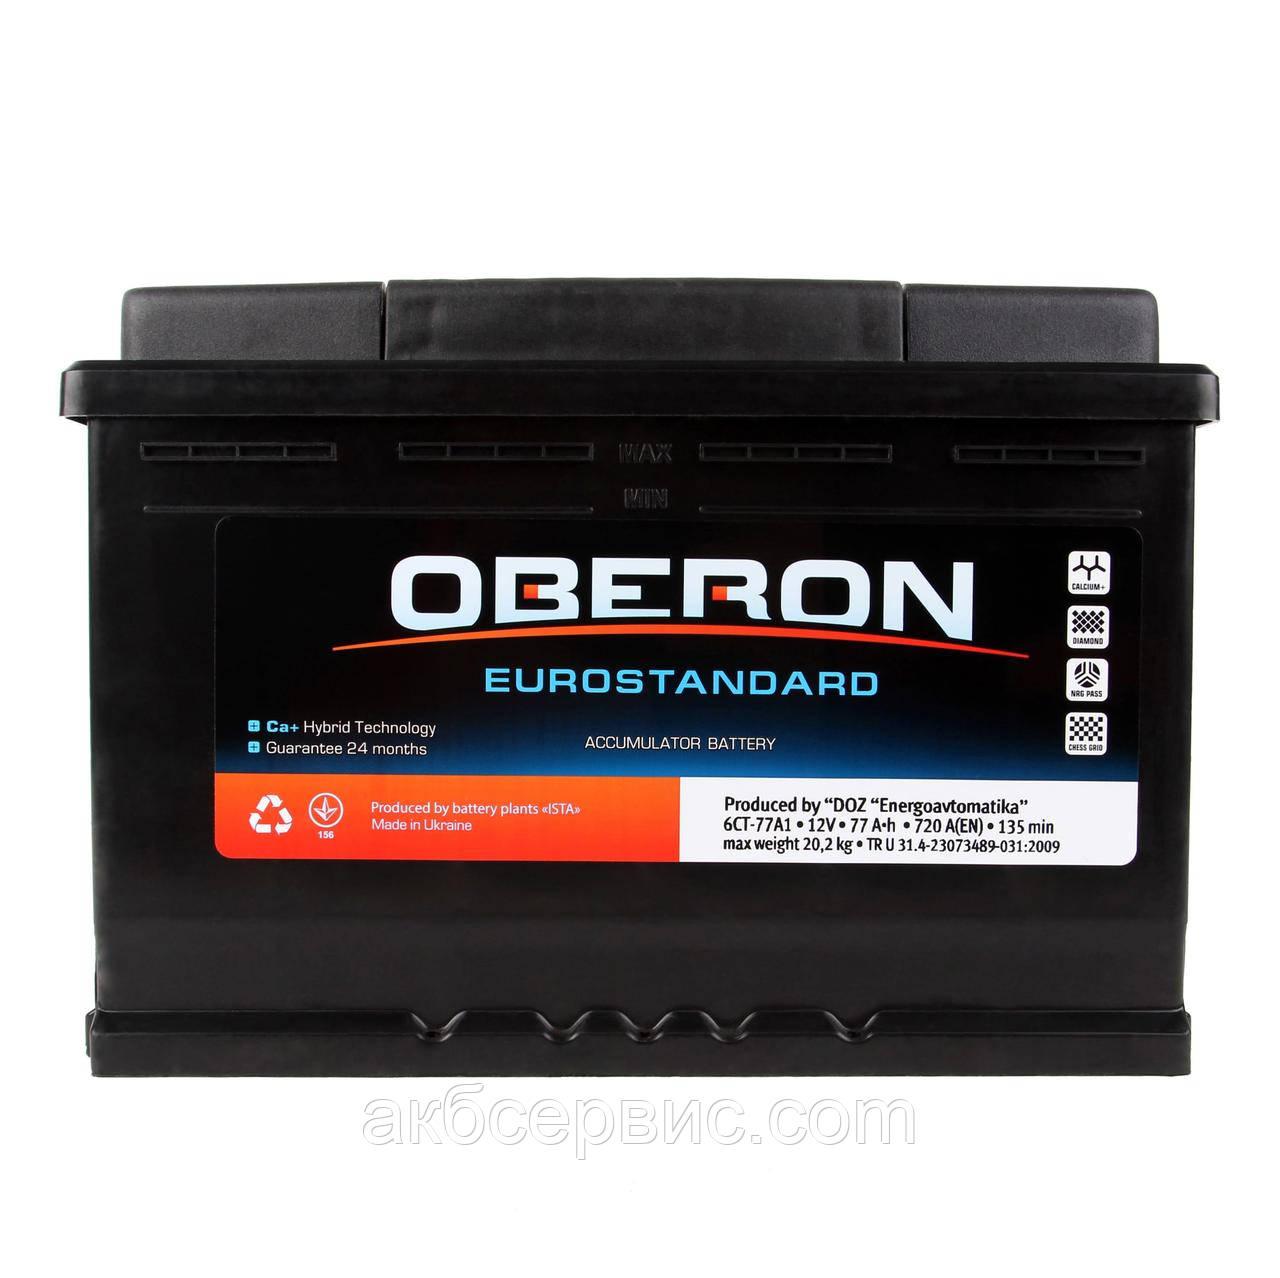 Аккумулятор автомобильный Oberon 6СТ-77 AзE Eurostandard